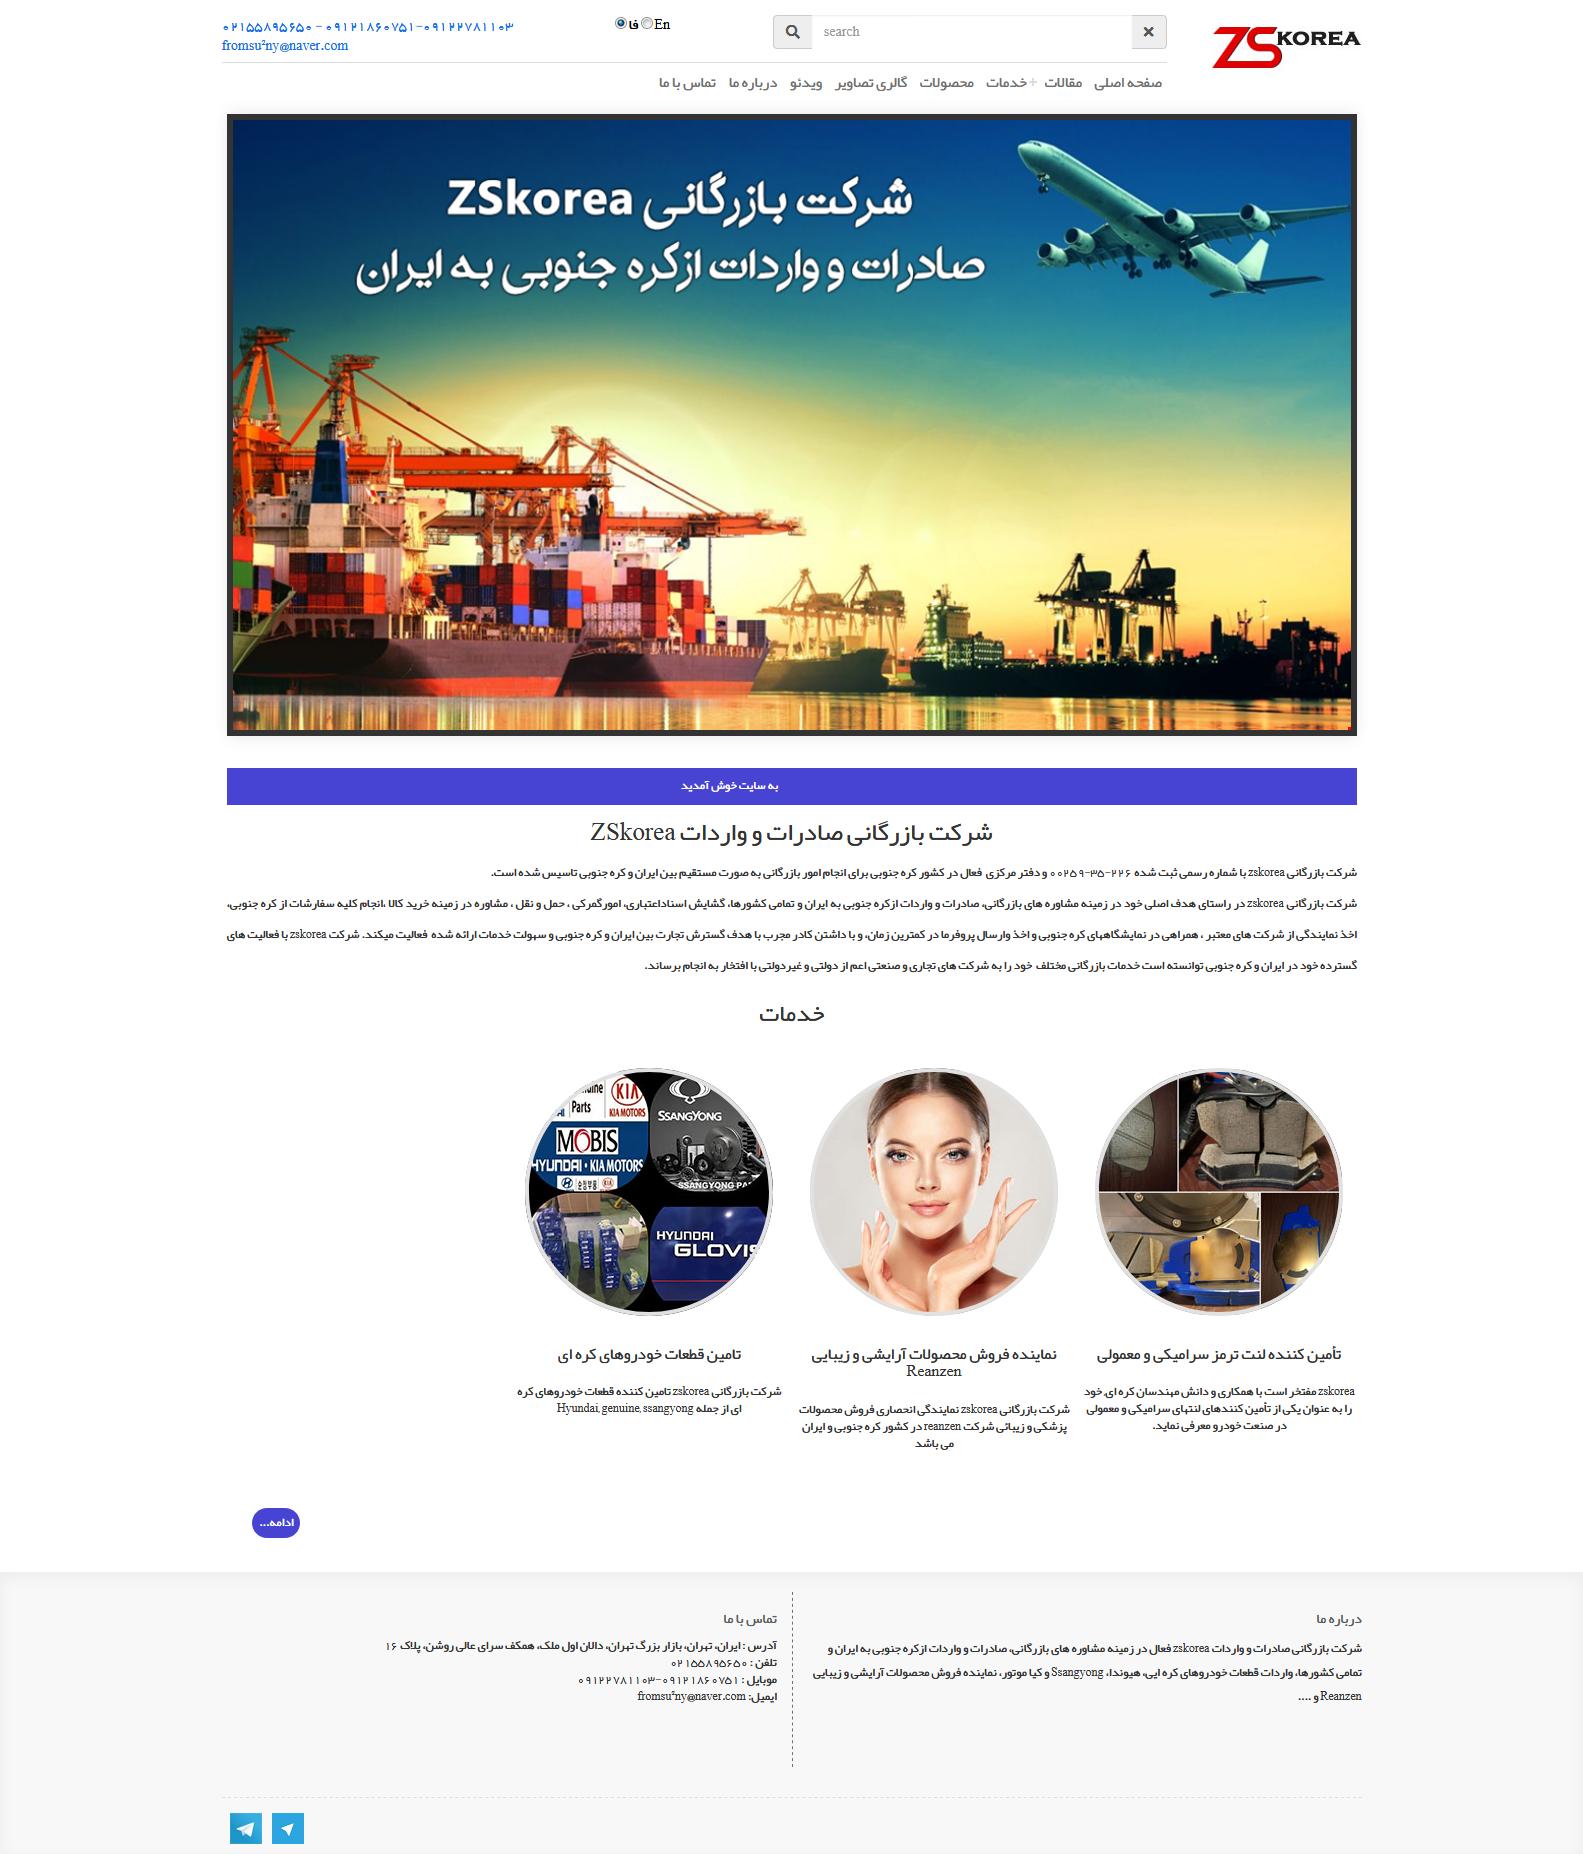 طراحی سایت  زد  اس  کوریا